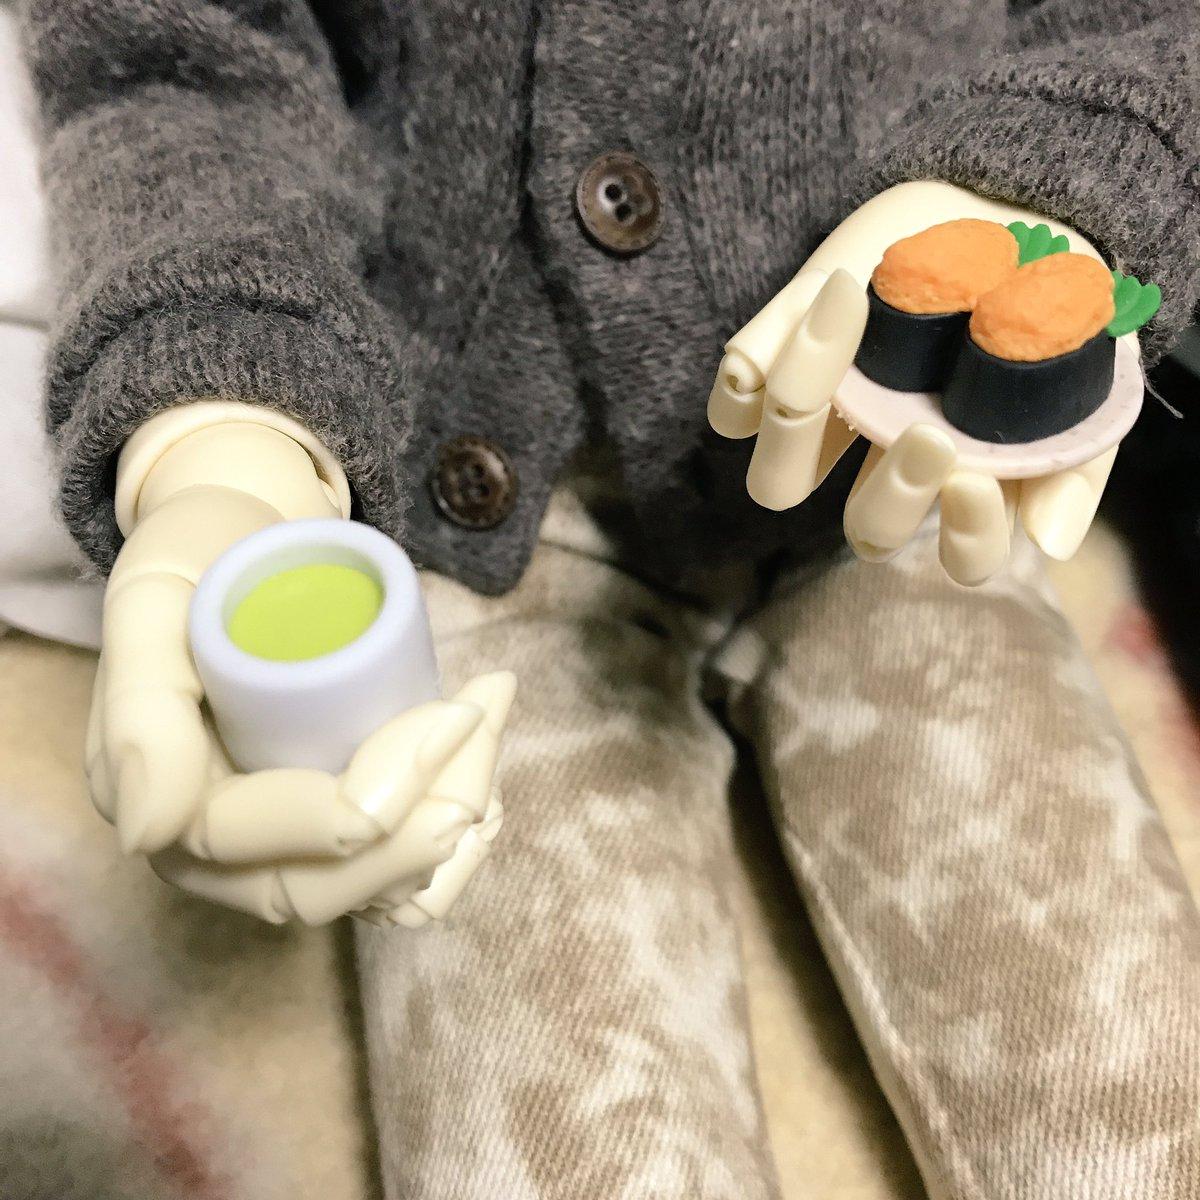 test ツイッターメディア - 小さな湯呑は無くはないから良いとして。寿司が小さ過ぎた… 1/4っ子用かな #ダイソー #おもしろけしごむ https://t.co/MvIfbXBWDy